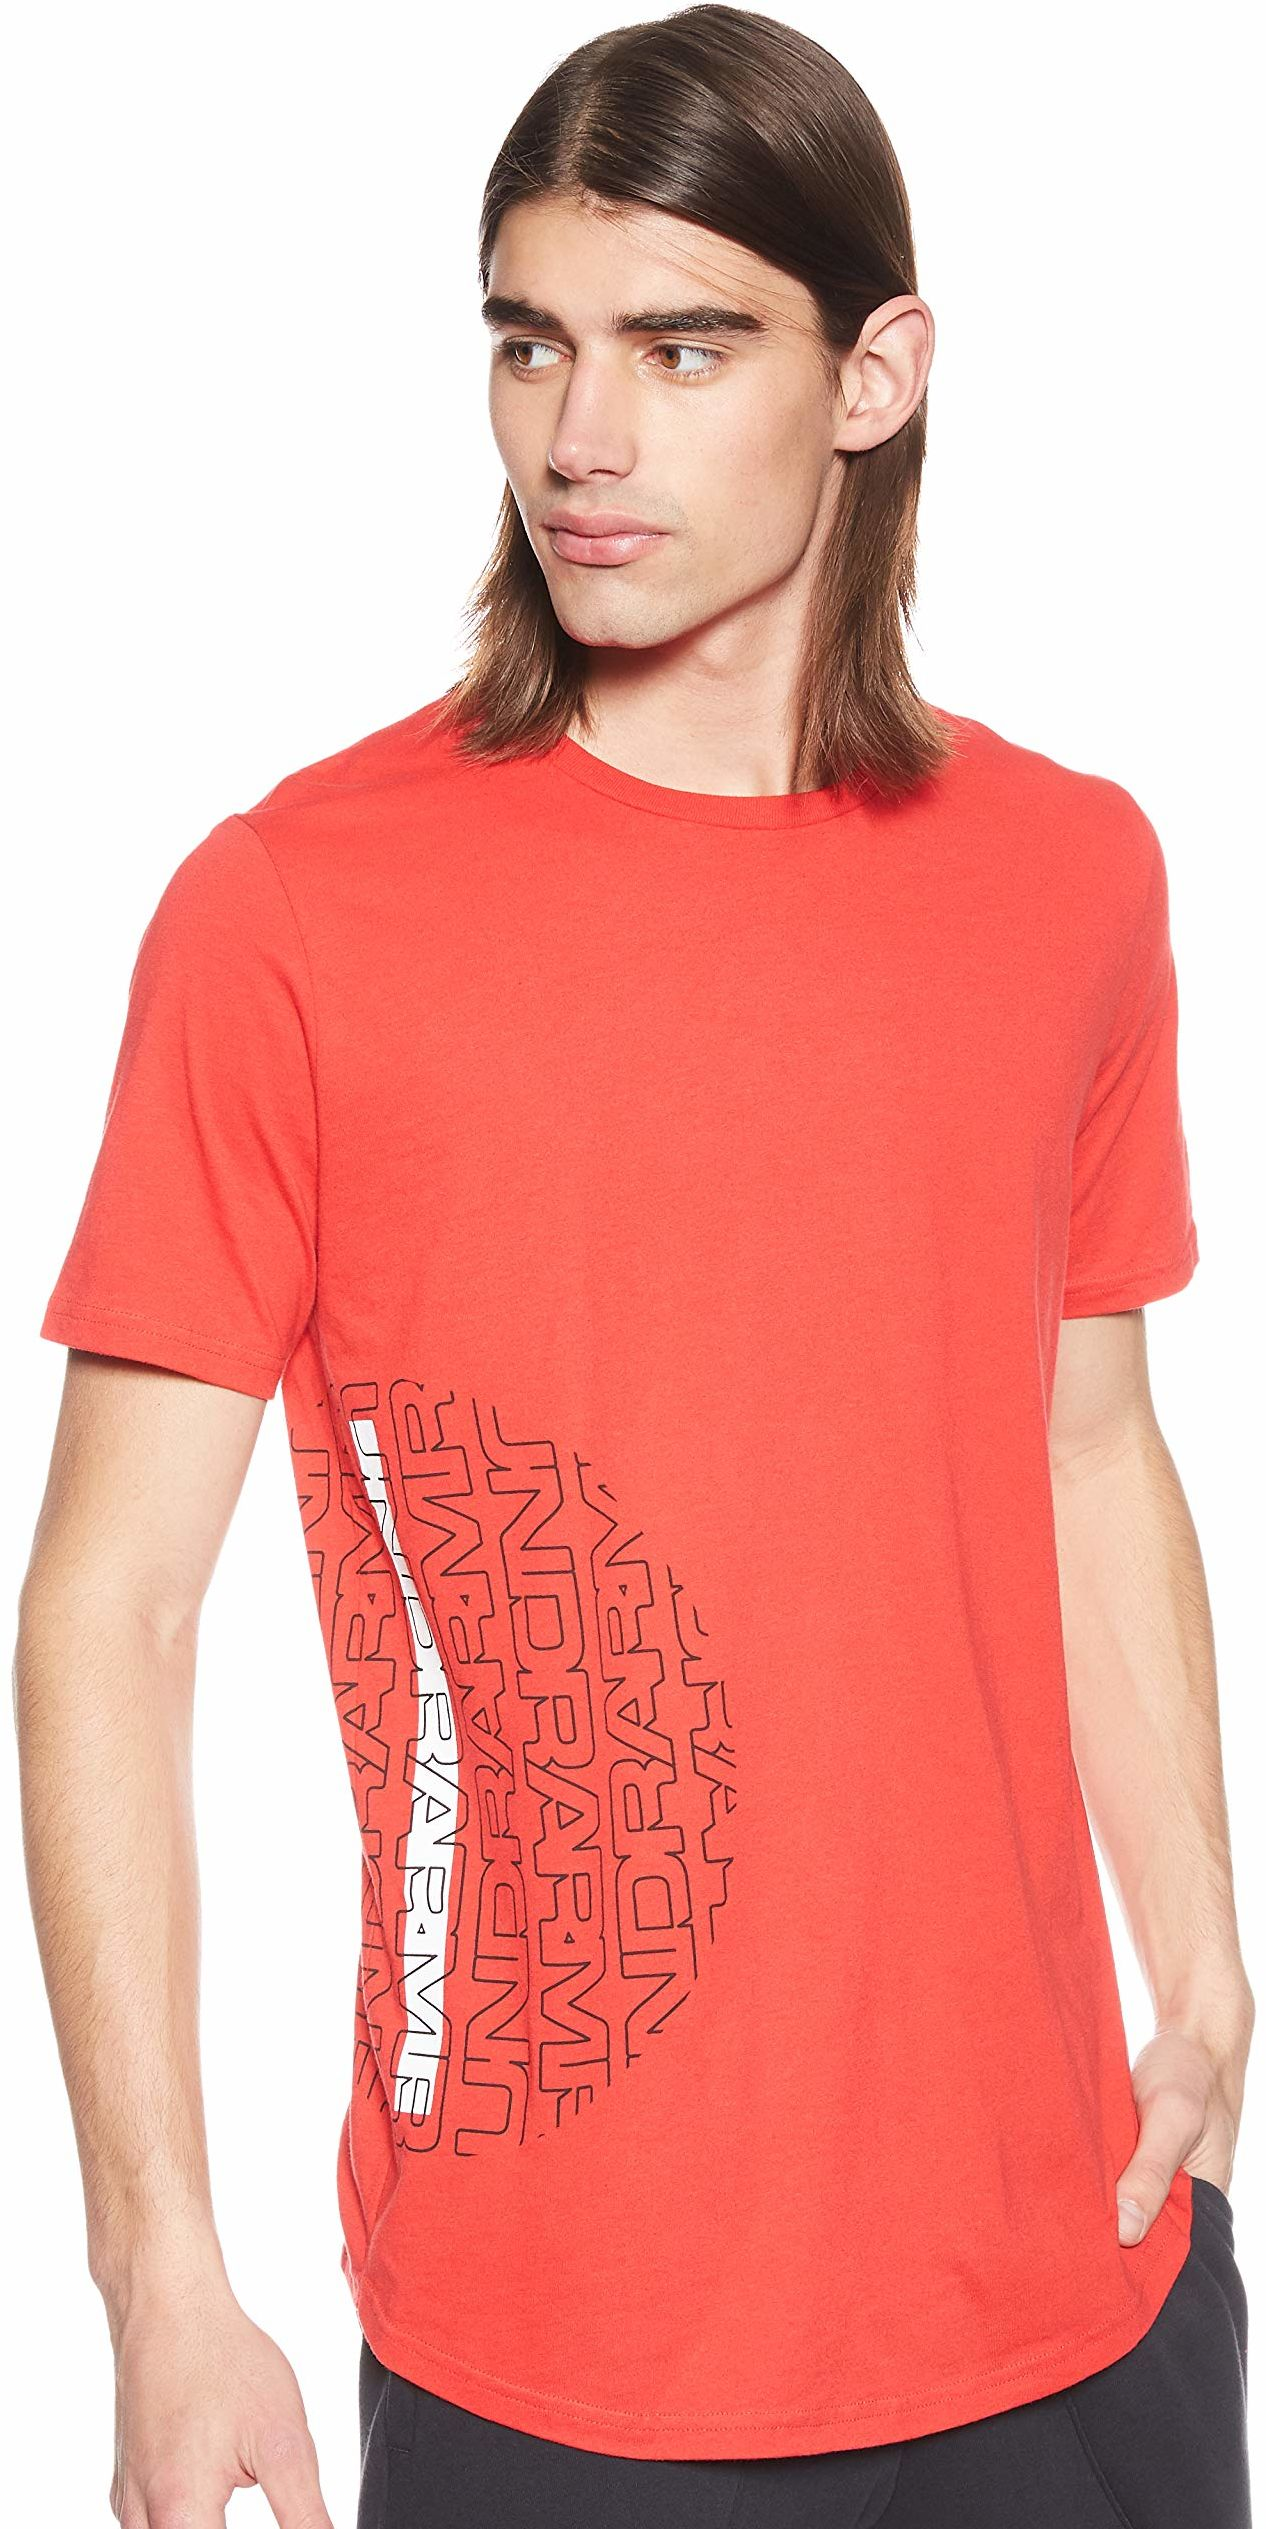 Under Armour Baseline męska koszulka z krótkim rękawem z krótkim rękawem Red/Black/White (600) S